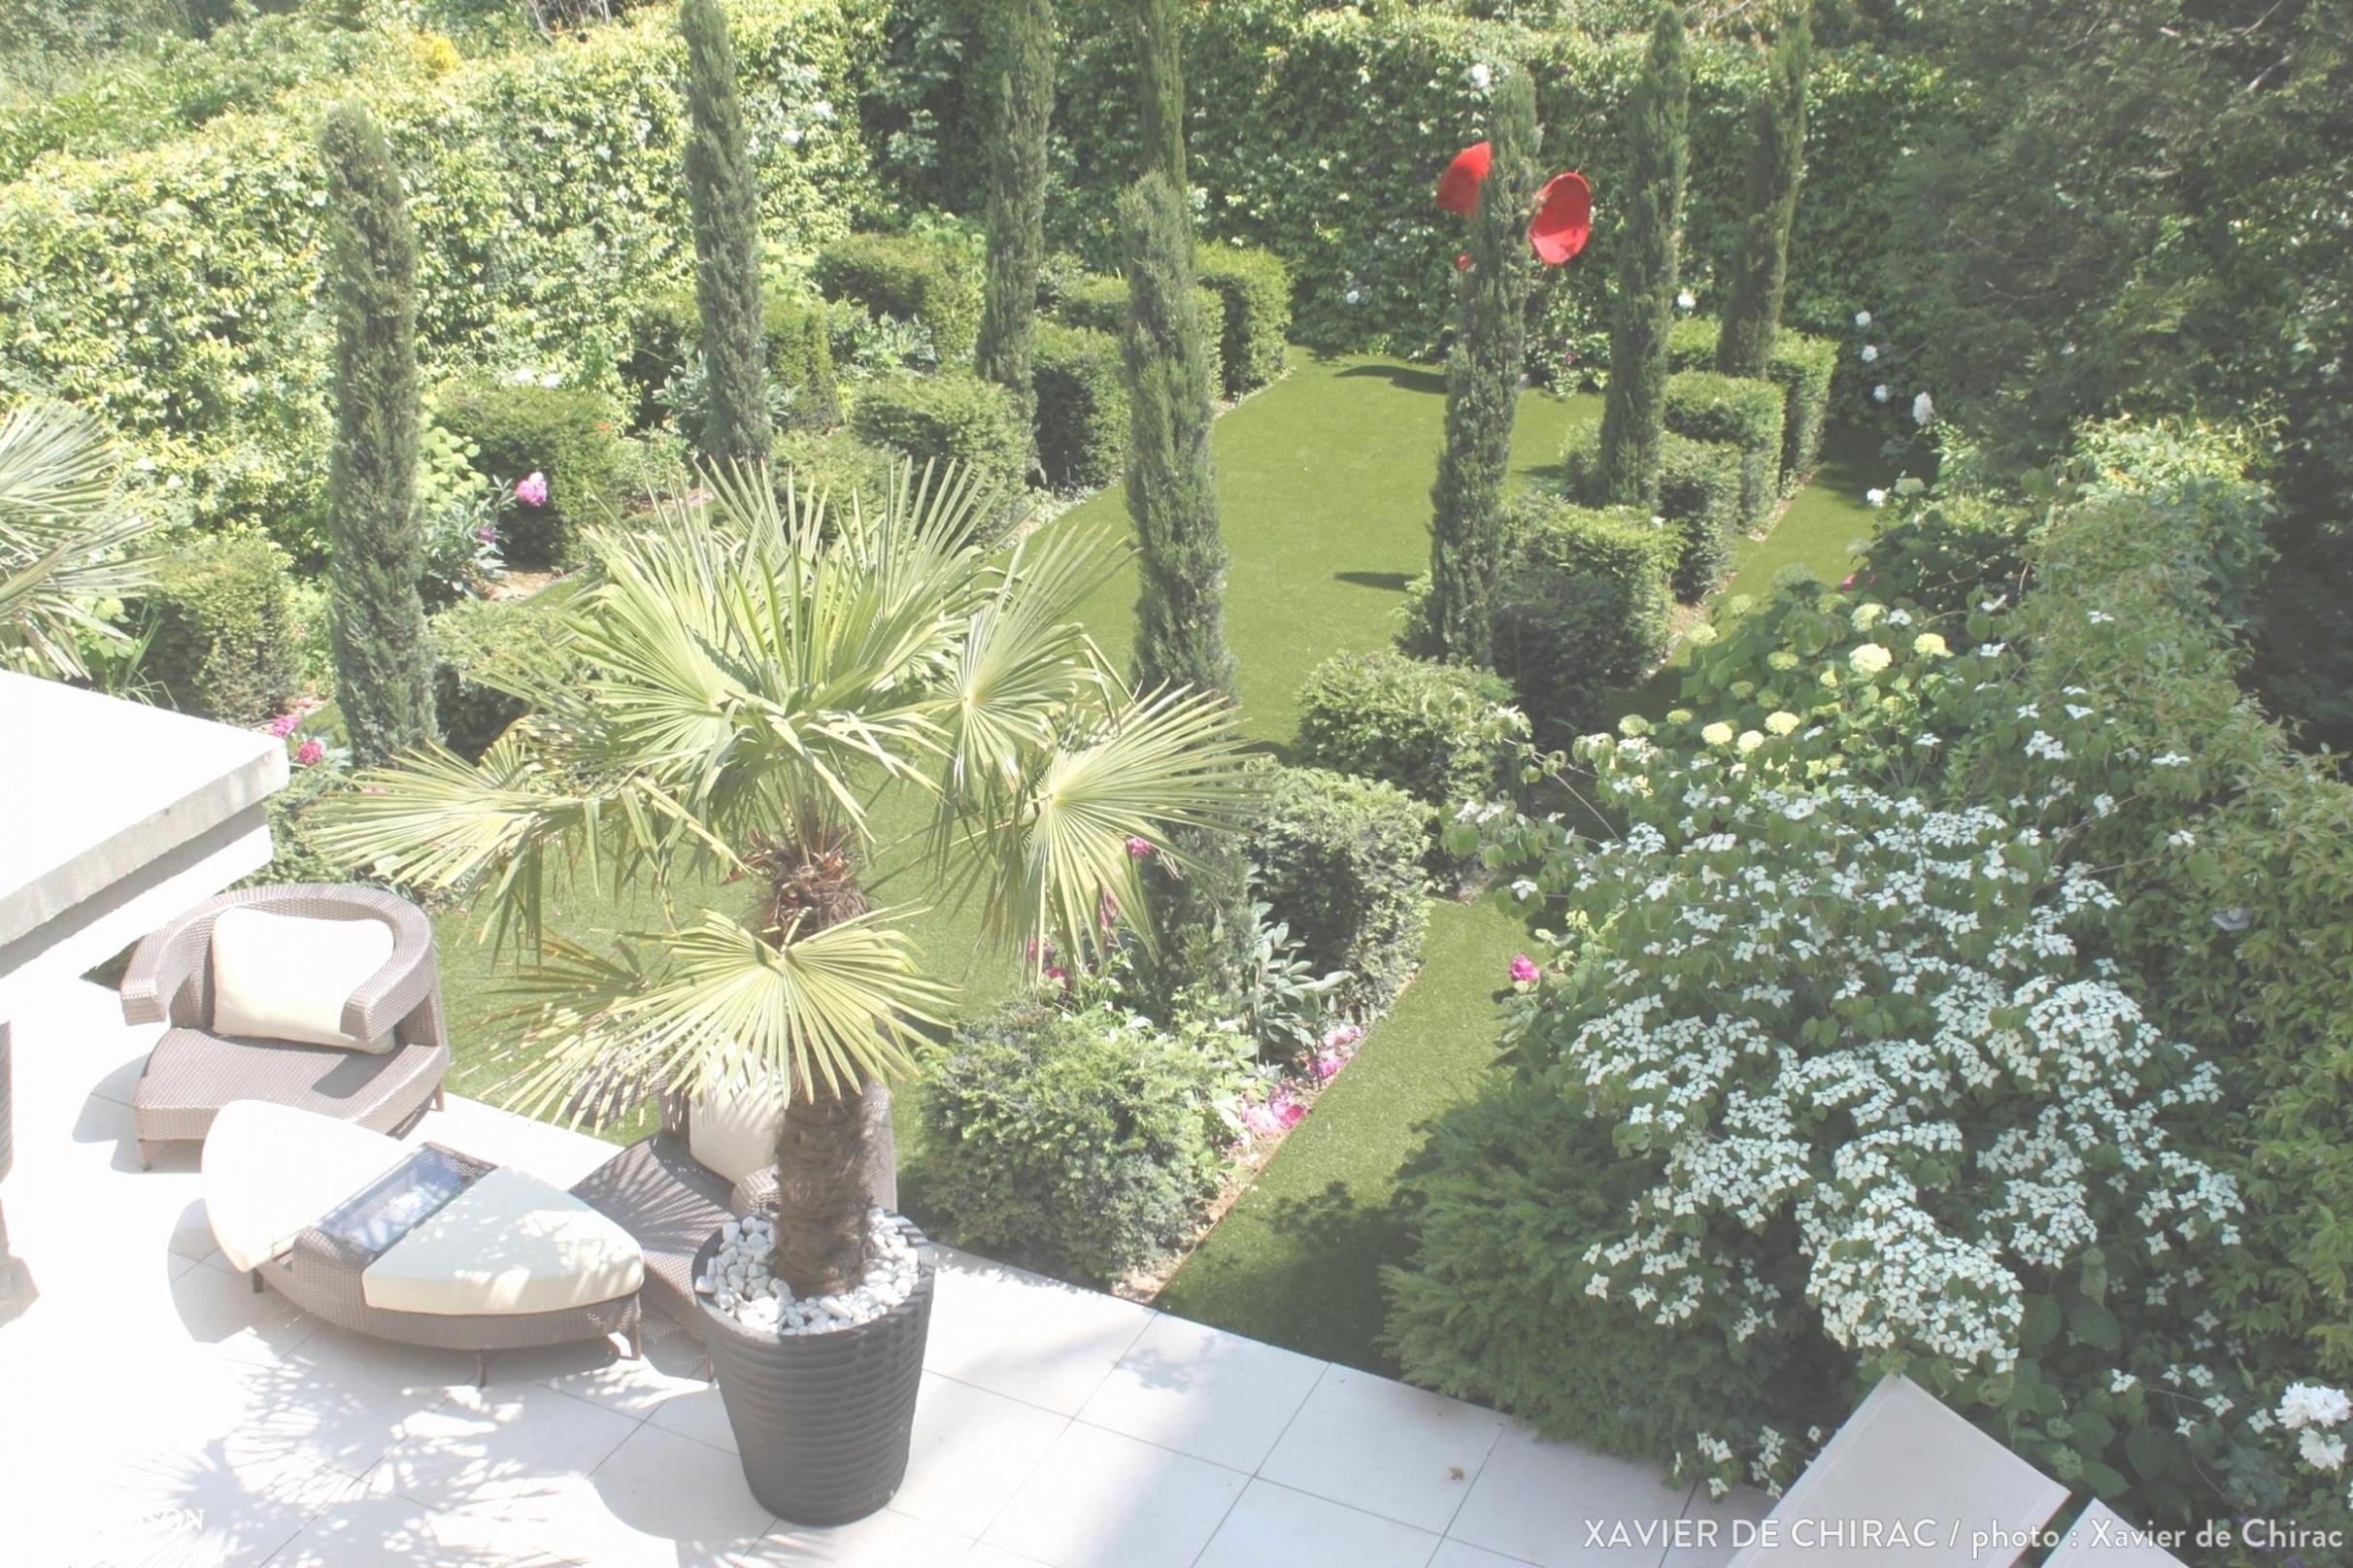 terrasse jardin 0d ideas populares idee jardin et terrasse image 11 de flores para jardin